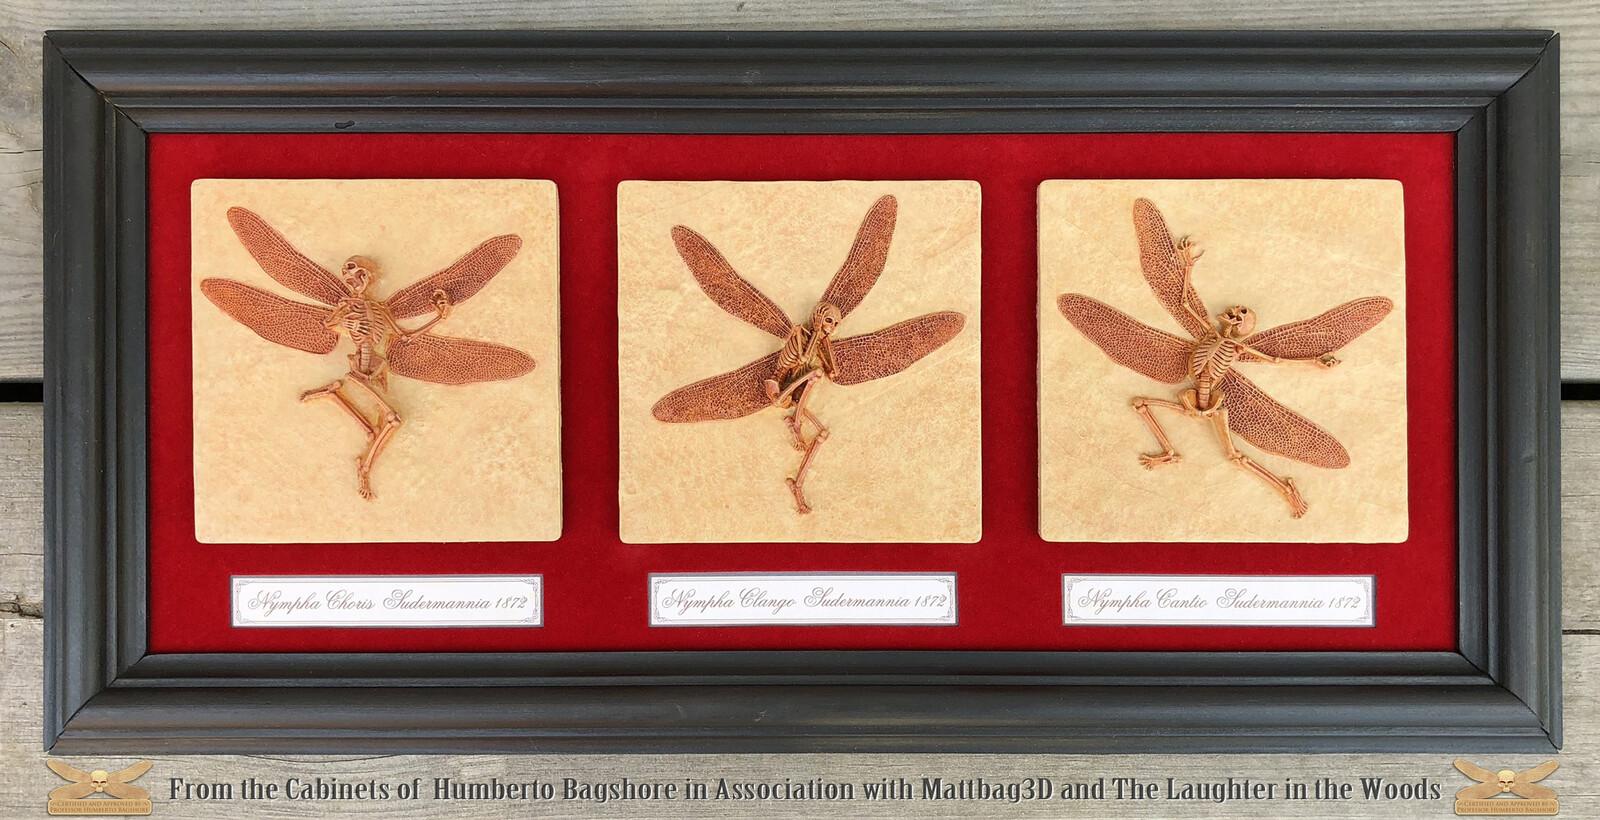 Framed Fossils for display